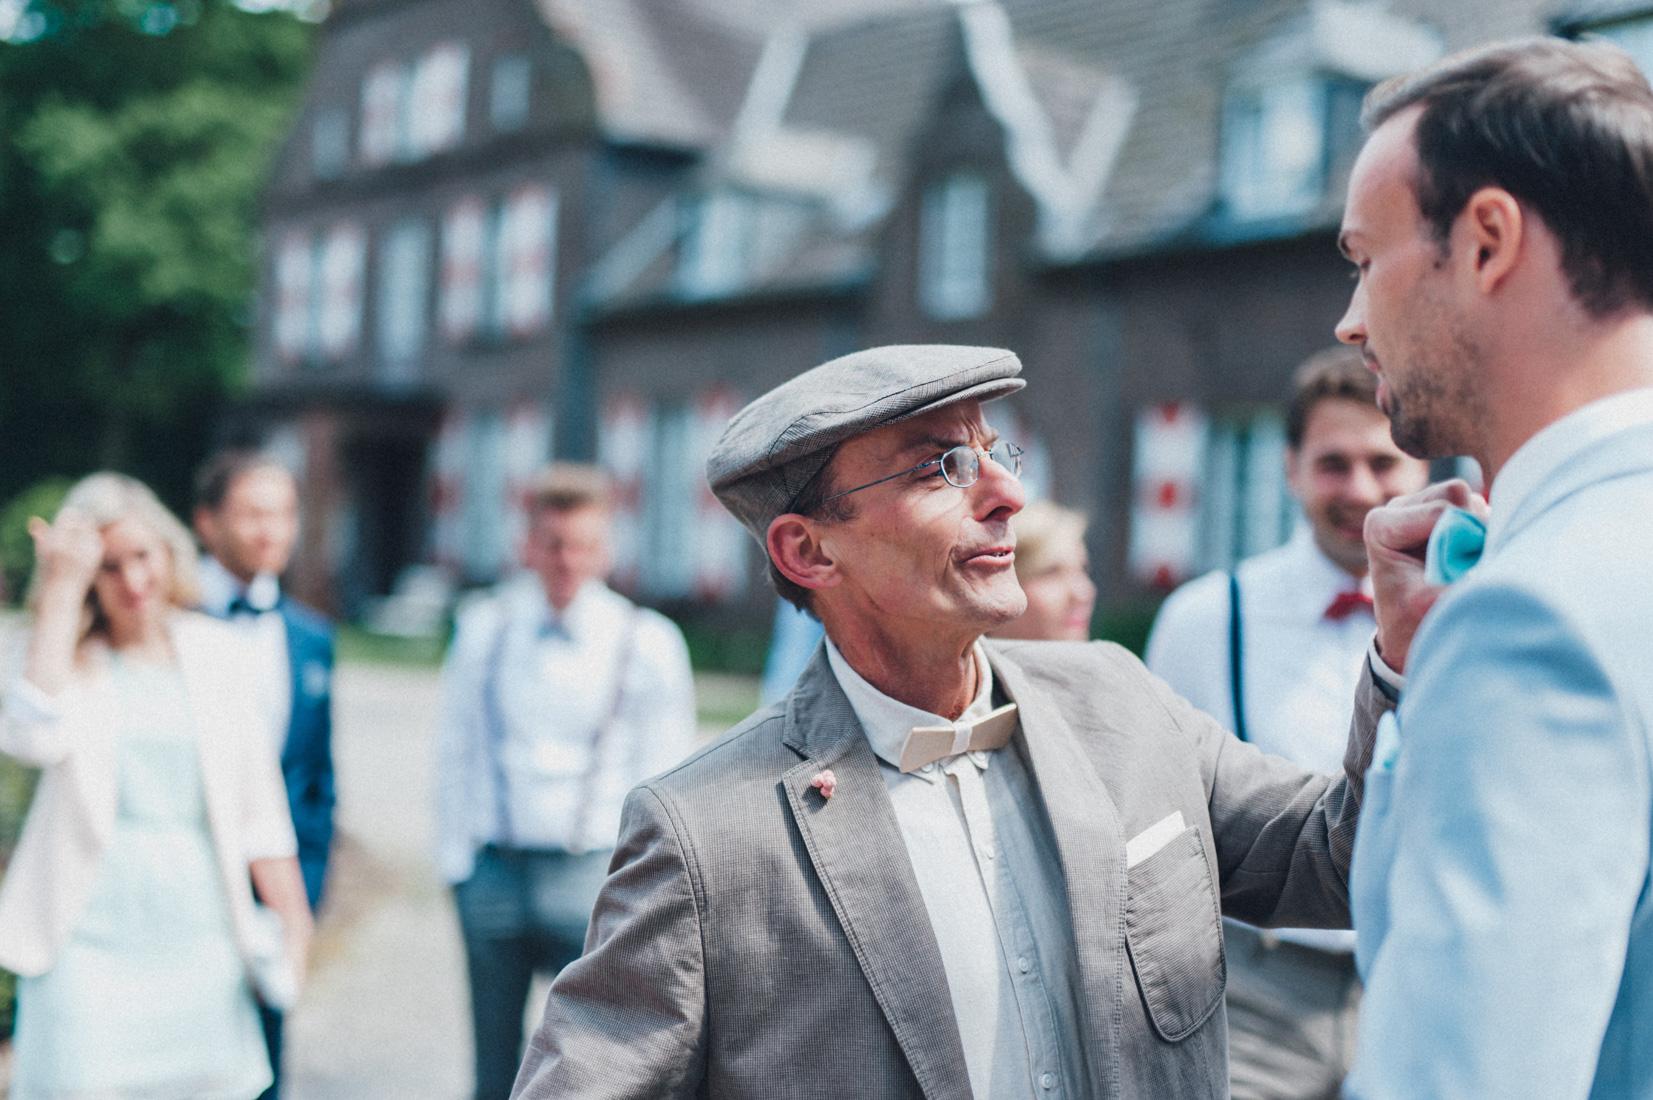 pastel-vintage-hertefeld-53 hochzeitsfotograf schloss hertefeldGalina & Robert DIY Pastel Vintage Hochzeit auf Schloss Hertefeldpastel vintage hertefeld 53